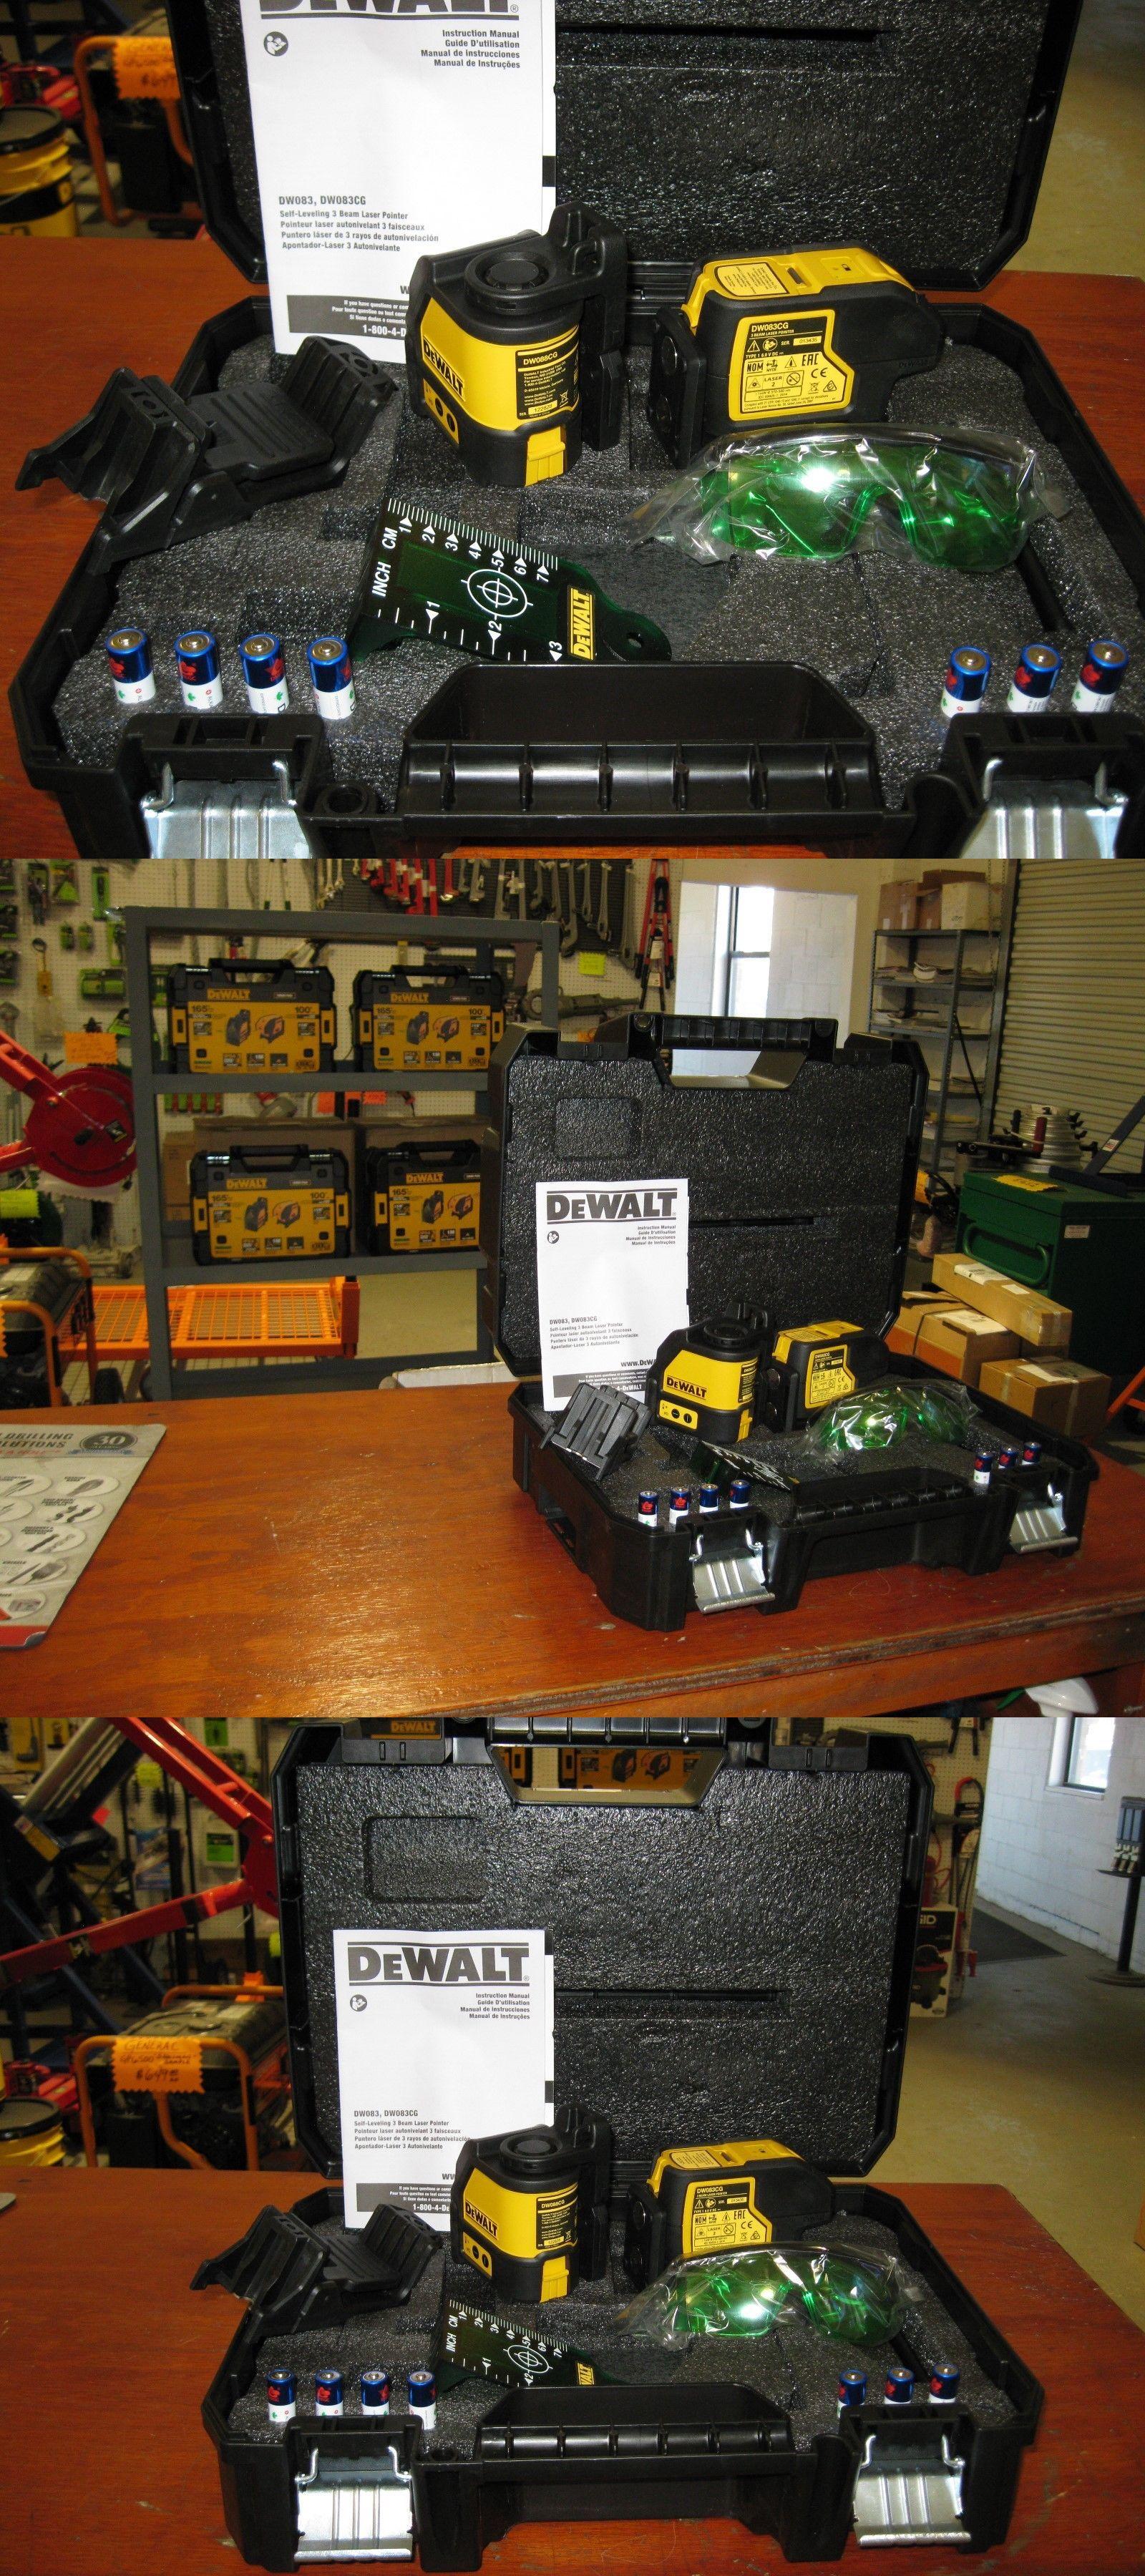 Laser Measuring Tools 126396 Dewalt Dw0883cg Tstak Laser Kit W Cross Line And 3 Spot Lasers New Buy It Now Only 308 Dewalt Combo Kit Measuring Tools